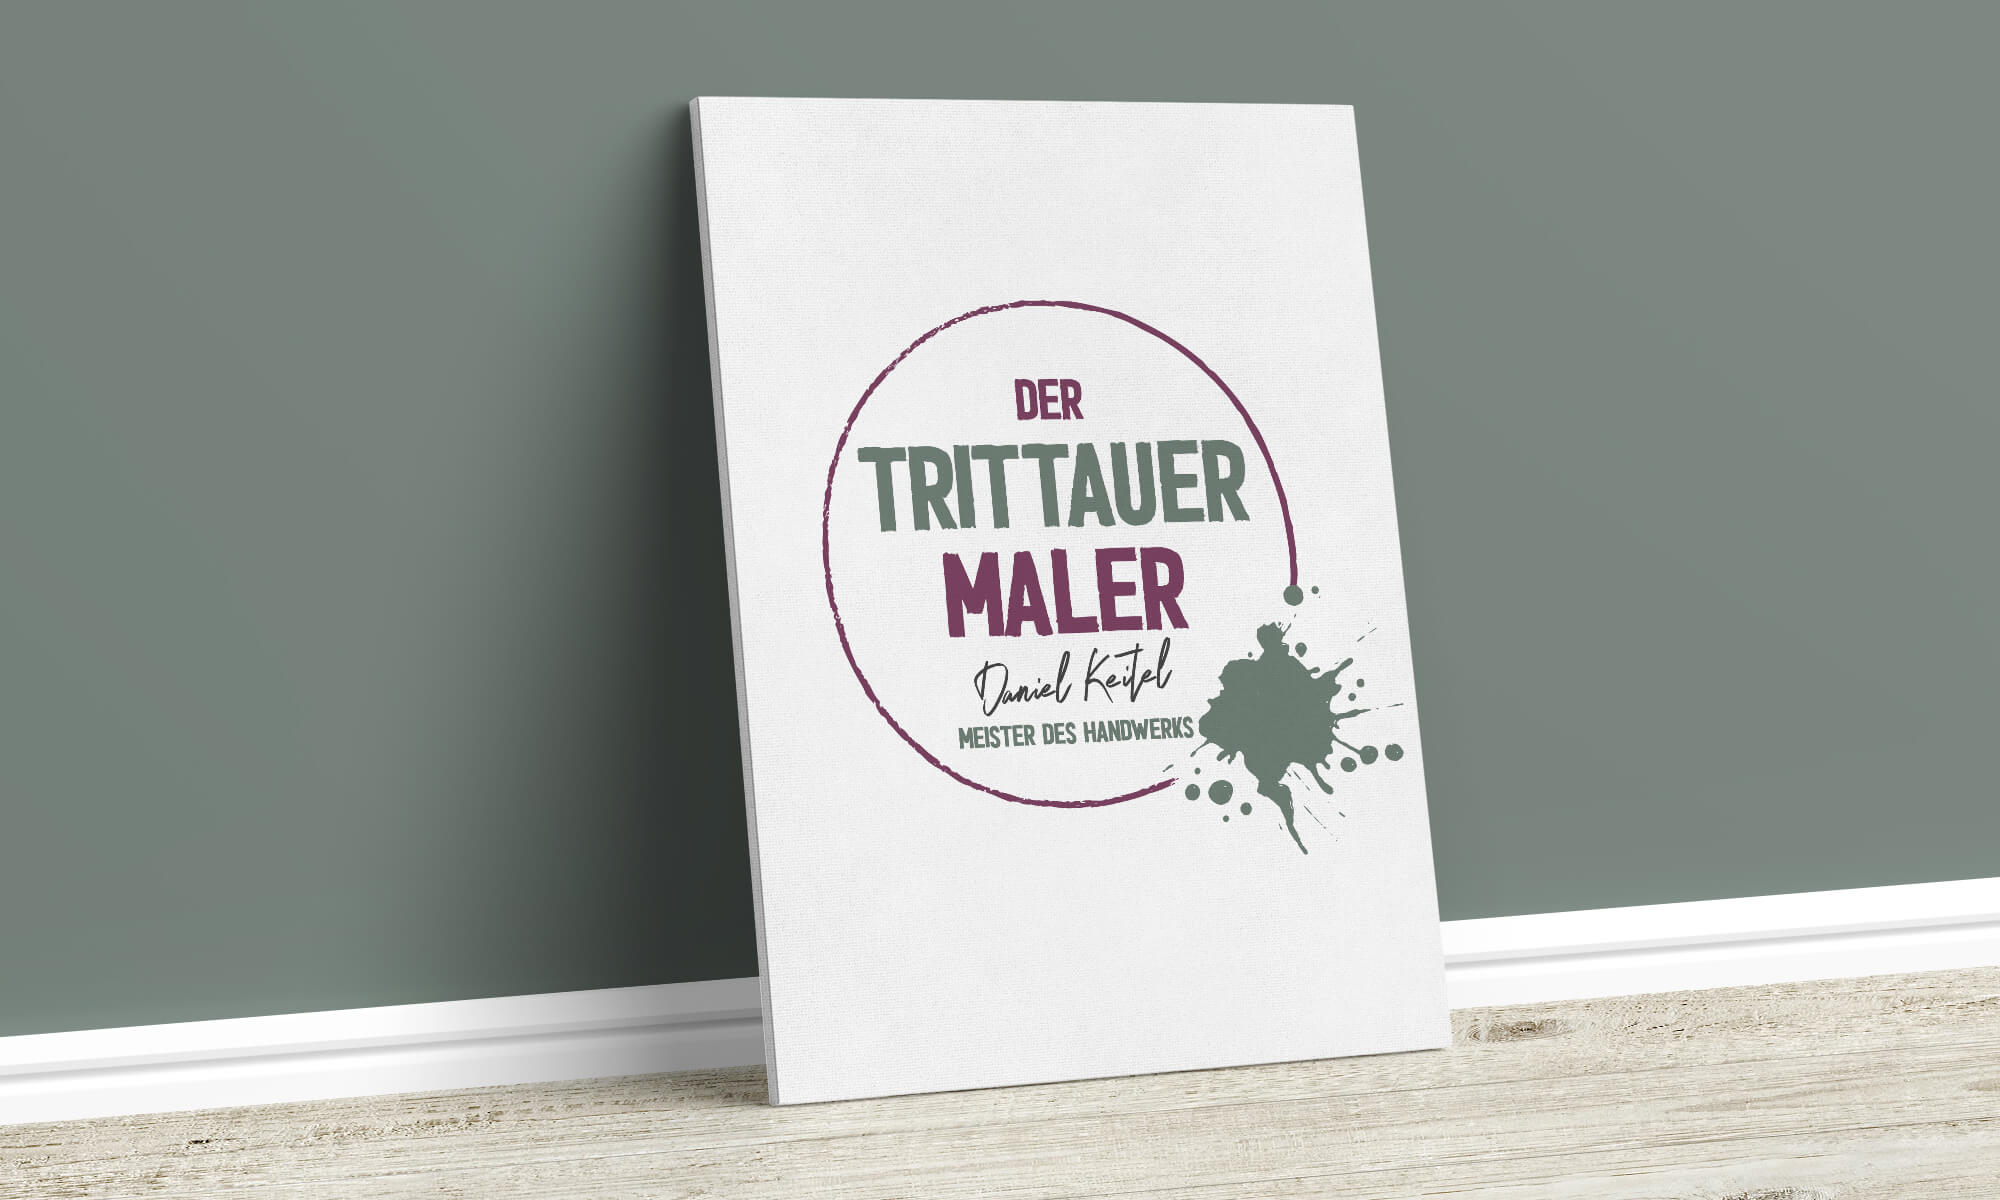 Der Trittauer Maler - Logo